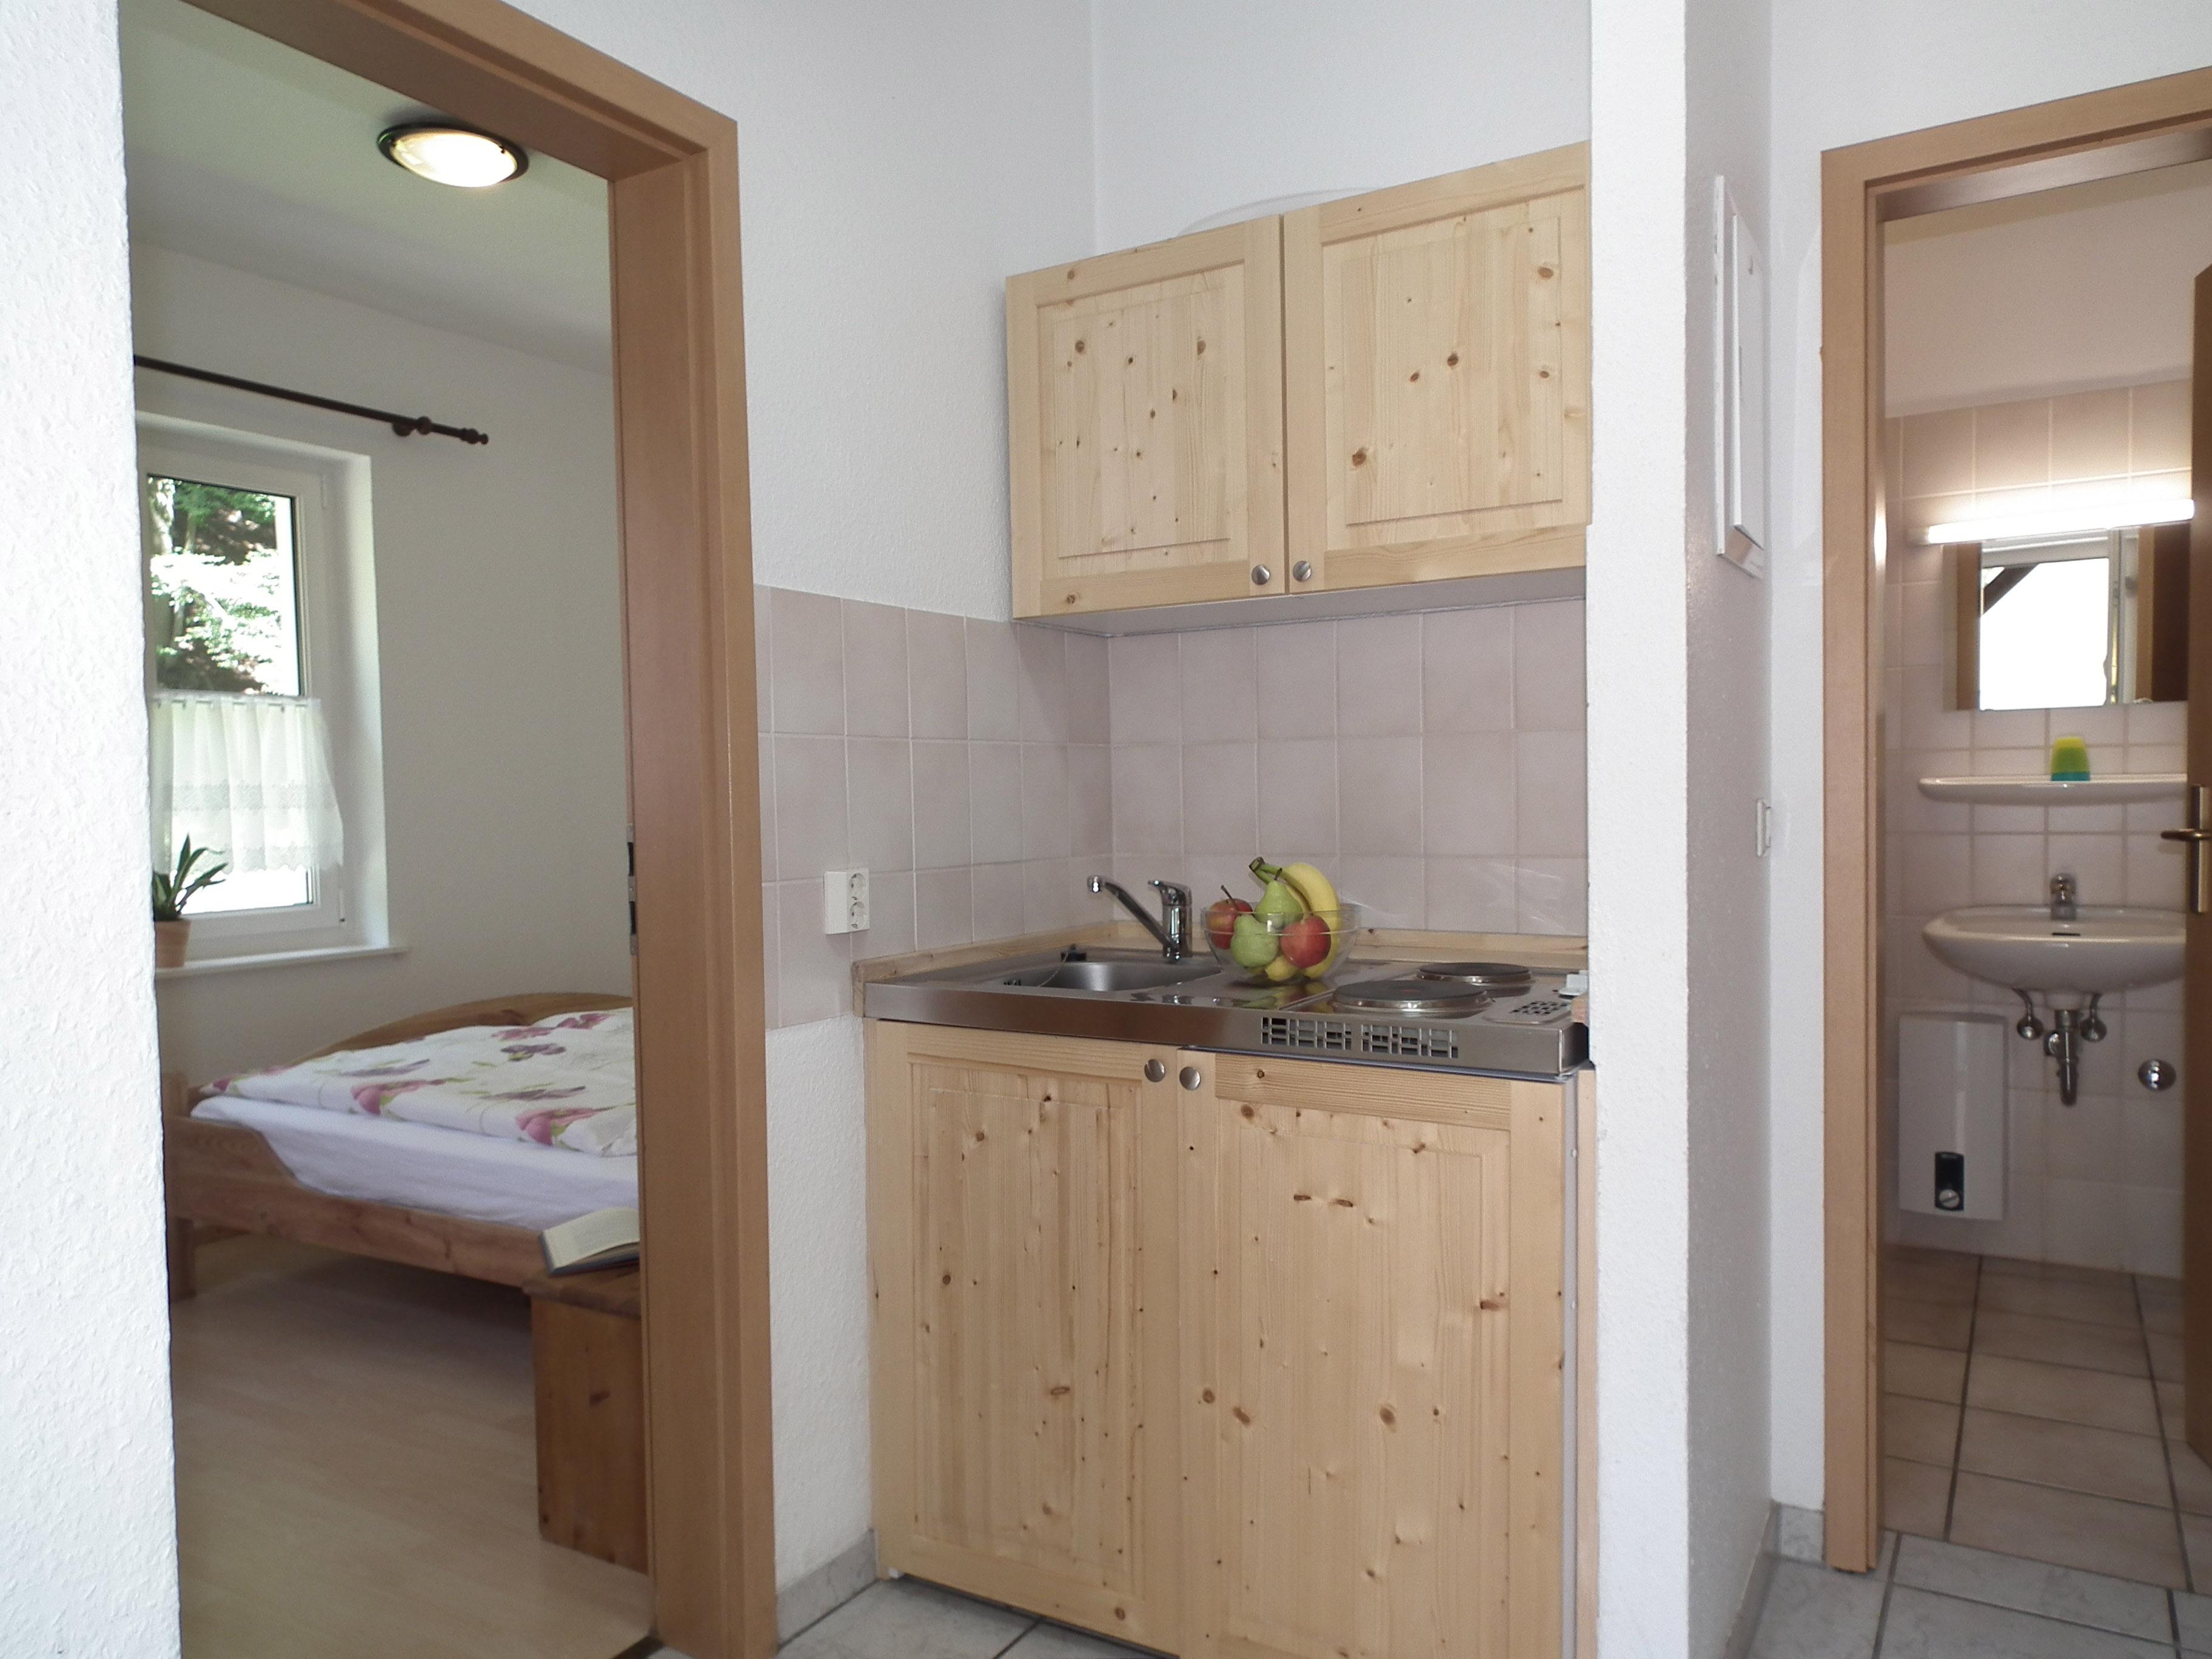 ferienhaus nex ferienwohnung 30 qm mit 1 schlafzimmer ferienhaus r. Black Bedroom Furniture Sets. Home Design Ideas